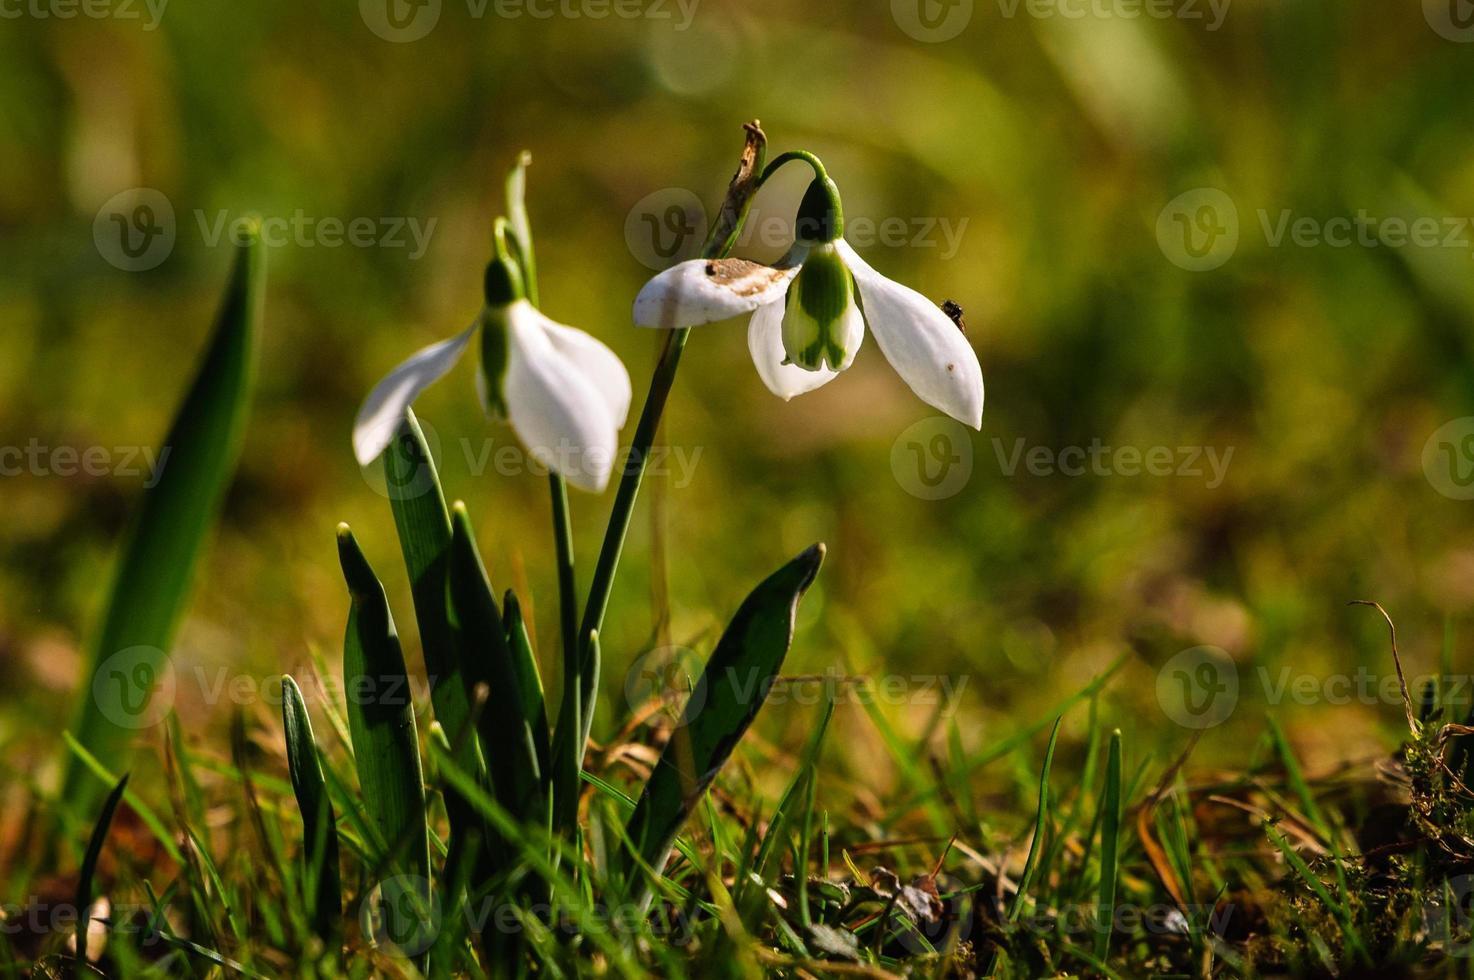 Schneeglöckchenblume in der Blüte foto